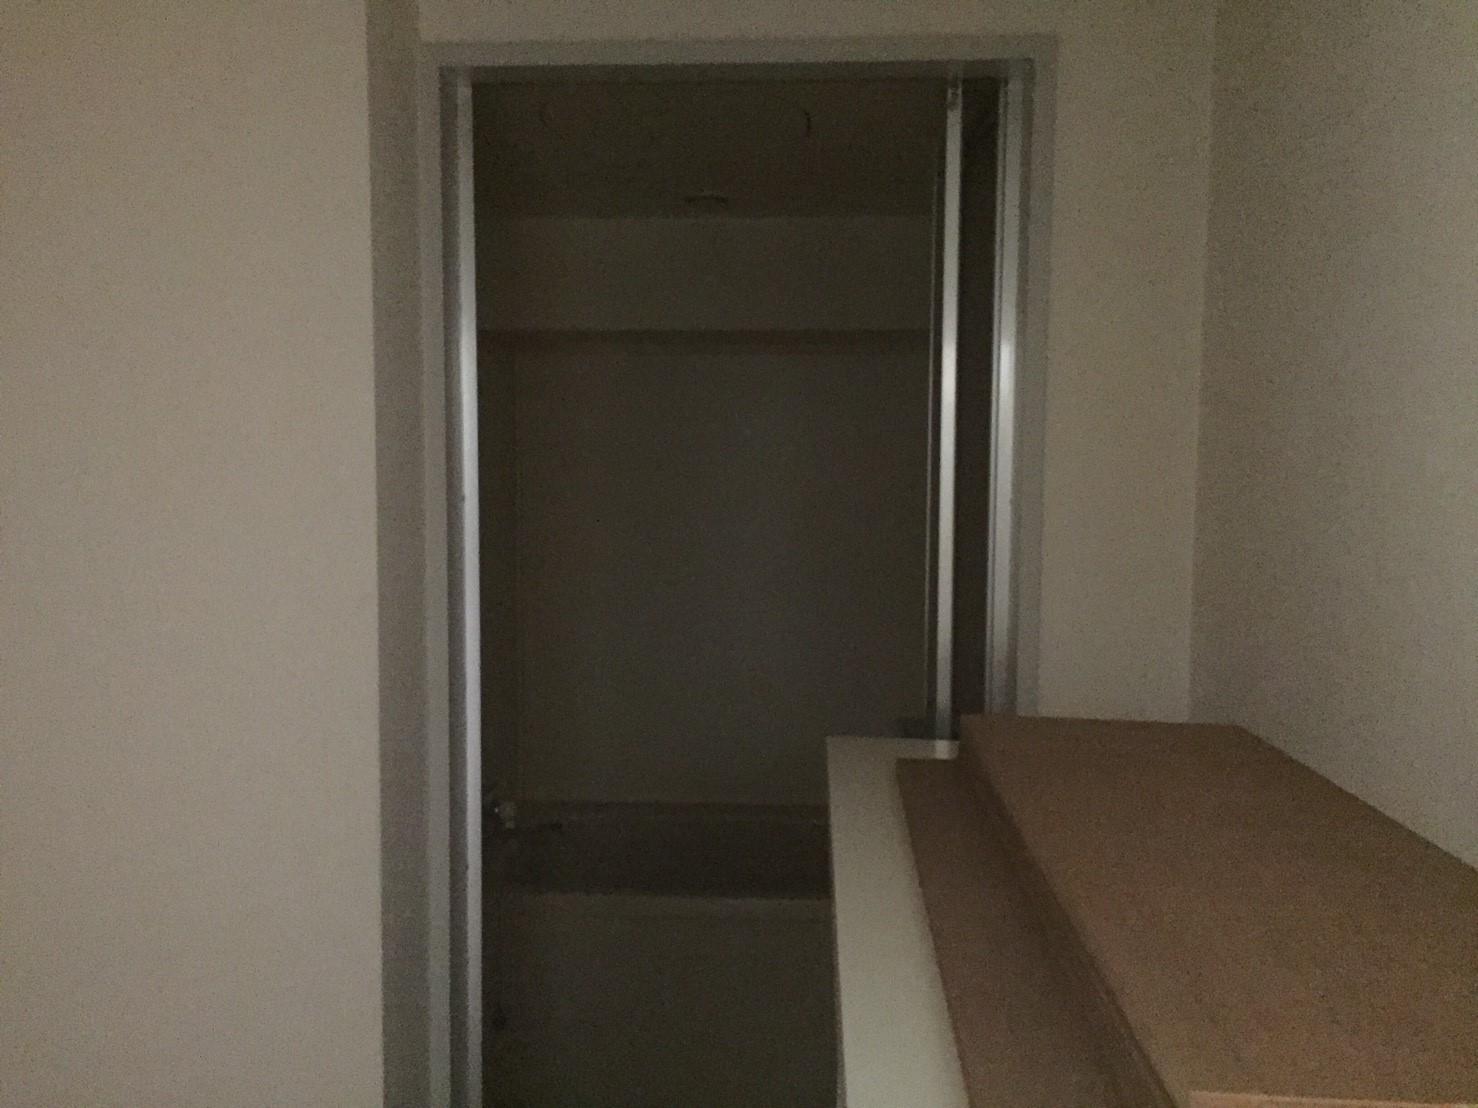 浴室撤去前 《 AsiaHome(エイジアホーム)移転に伴うリノベーション工事 》